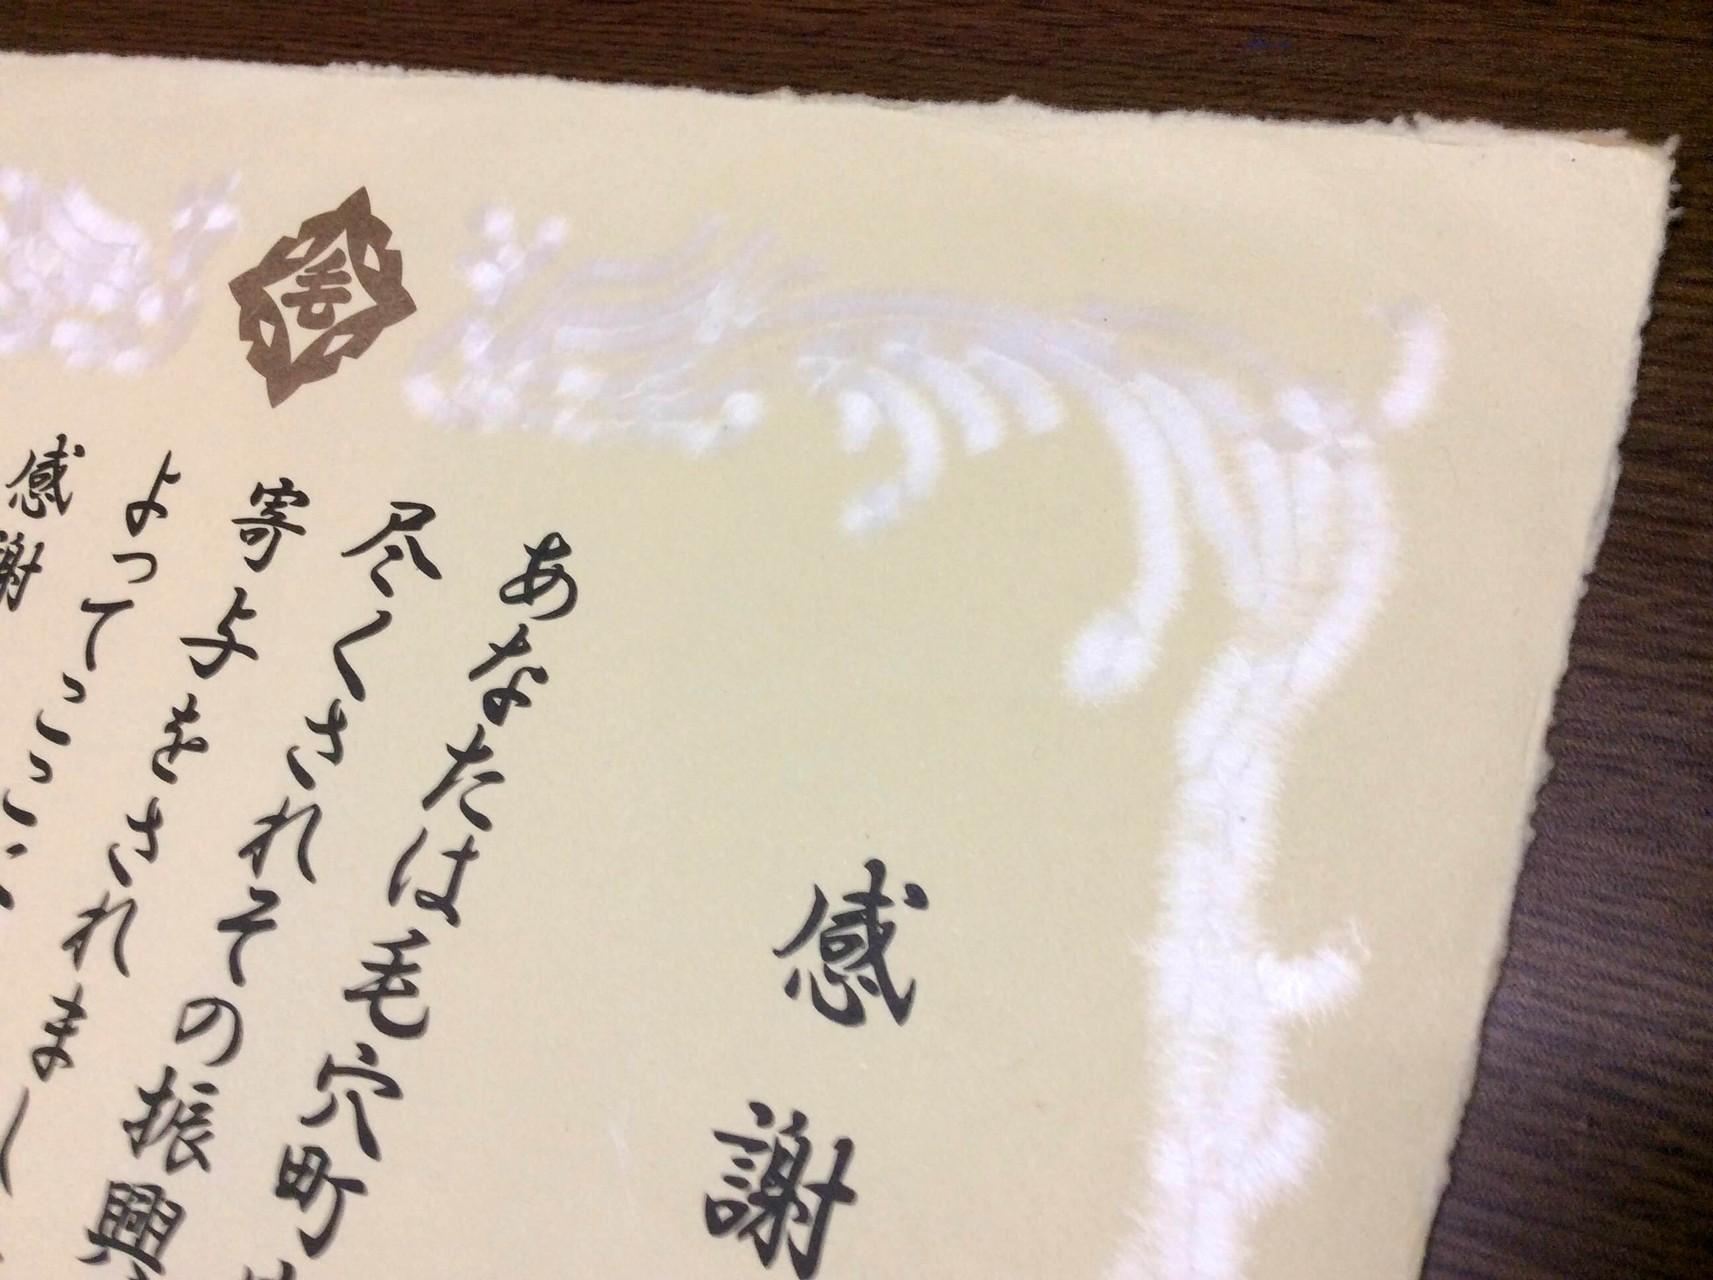 和紙の紙漉き技法である引っ掛けで飾り枠を表現した別注の手漉き賞状用紙